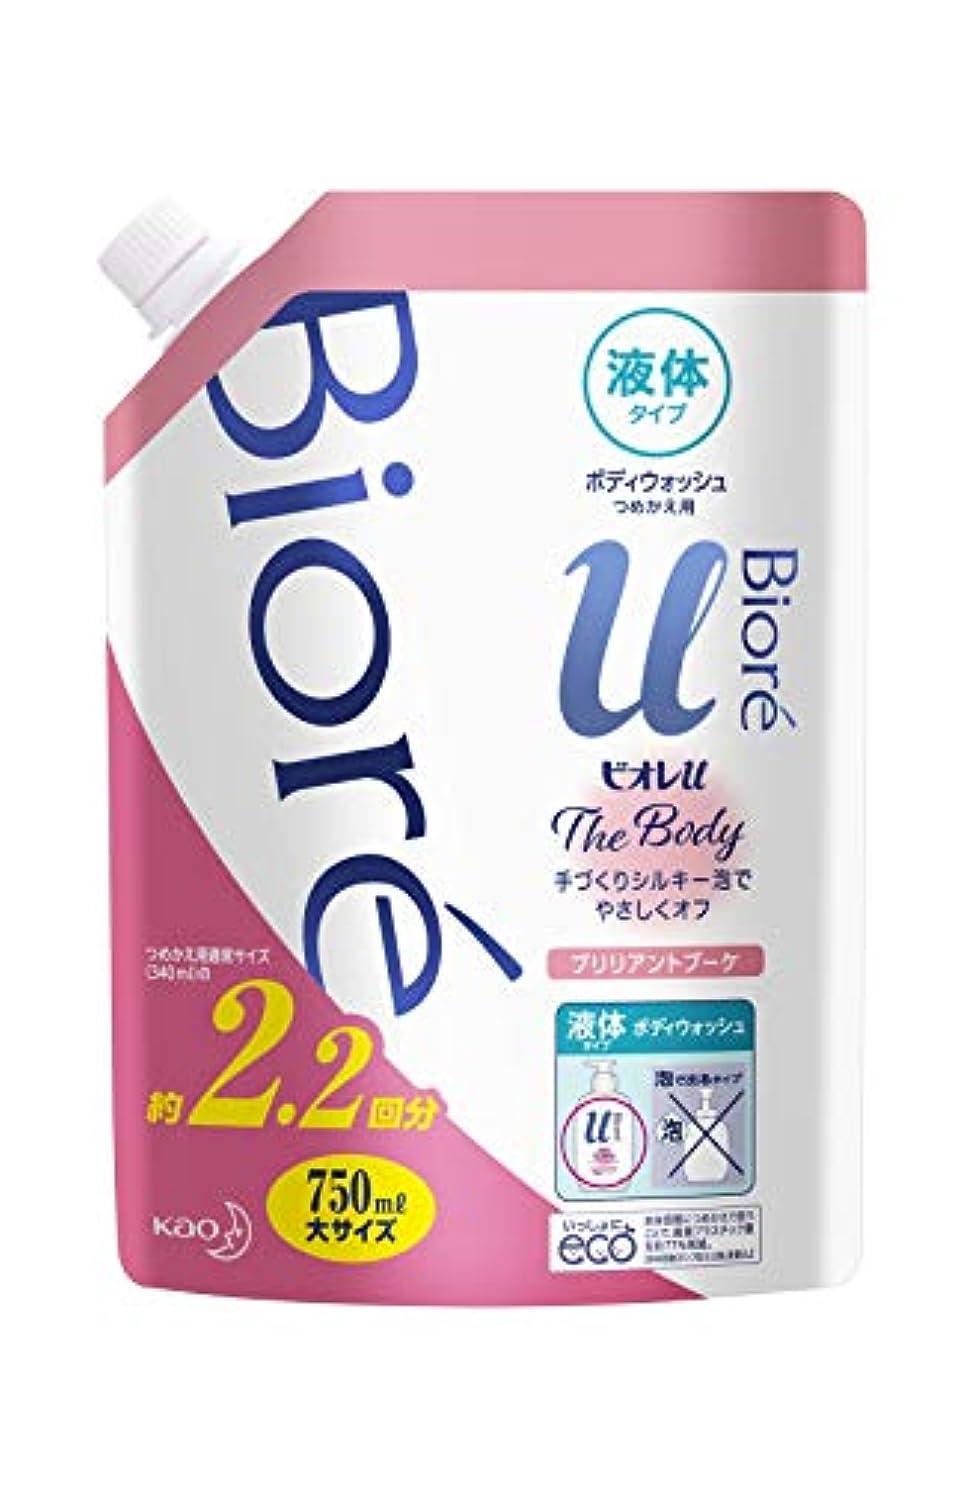 ニュージーランド時々輝く【大容量】 ビオレu ザ ボディ 〔 The Body 〕 液体タイプ ブリリアントブーケの香り つめかえ用 750ml 「高潤滑処方の手づくりシルキー泡」 ボディソープ 華やかなブリリアントブーケの香り